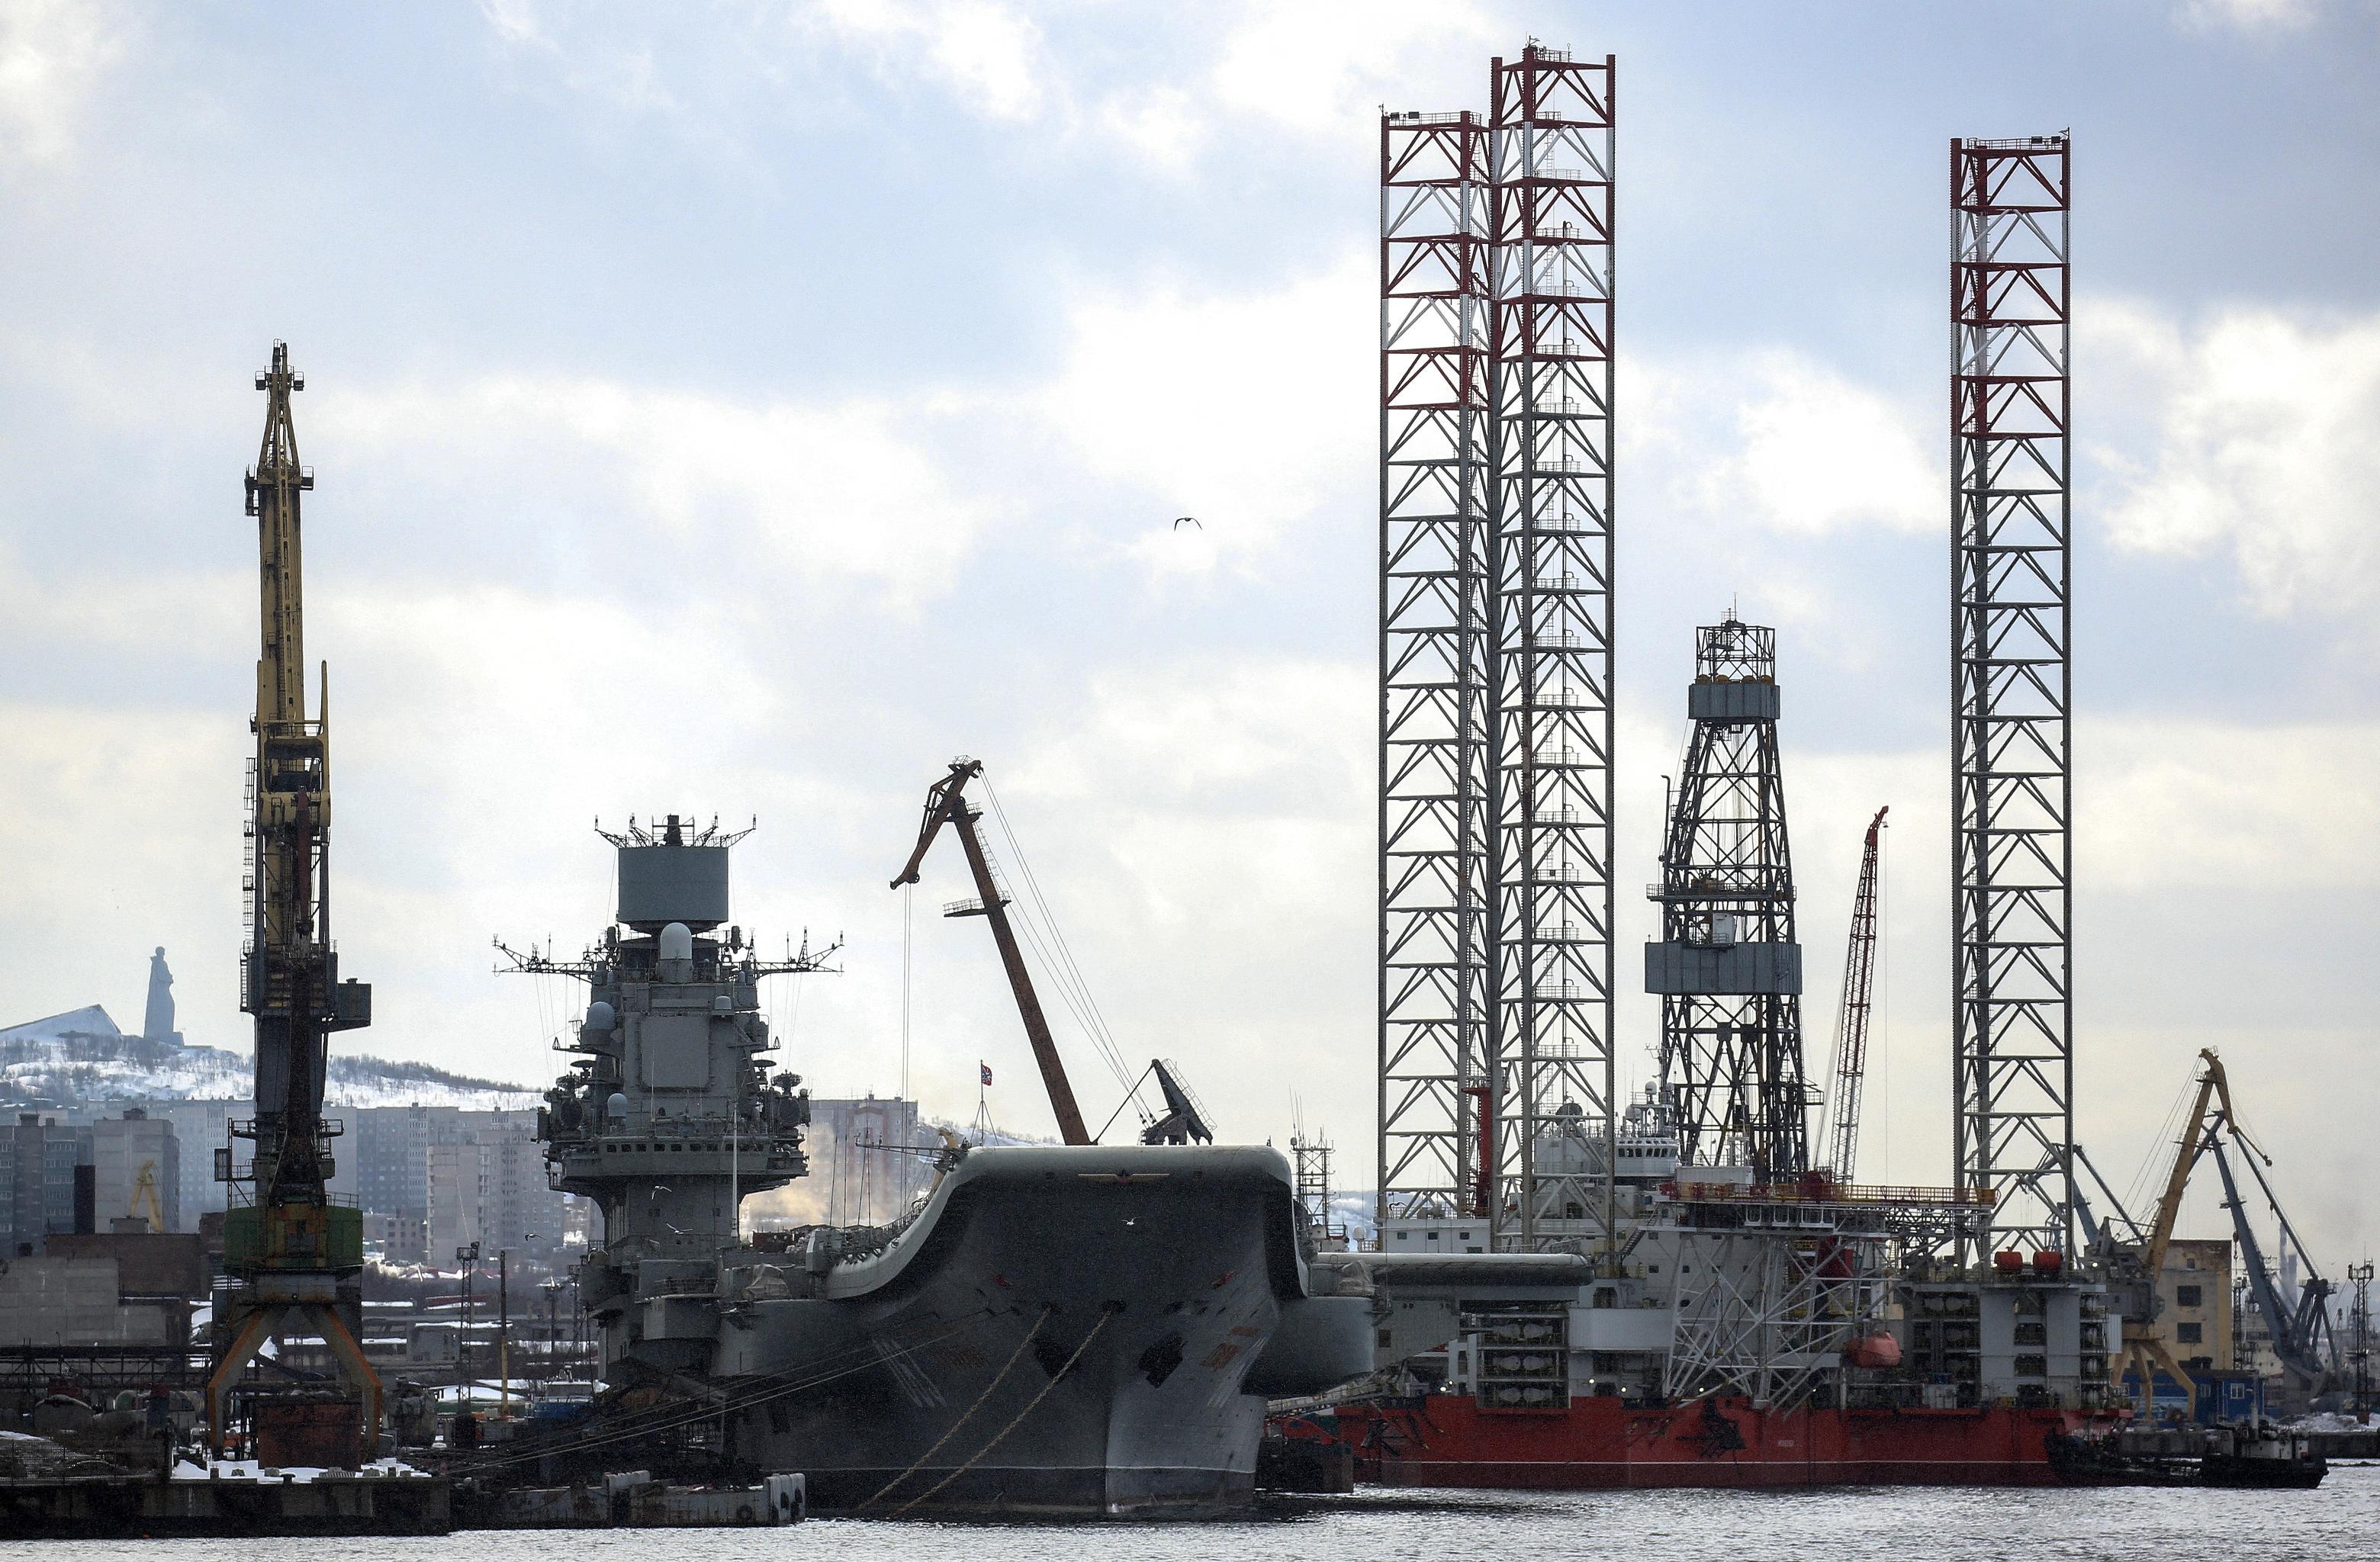 Заключен контракт на реконструкцию сухих доков на 35-м судоремонтном заводе в Мурманске